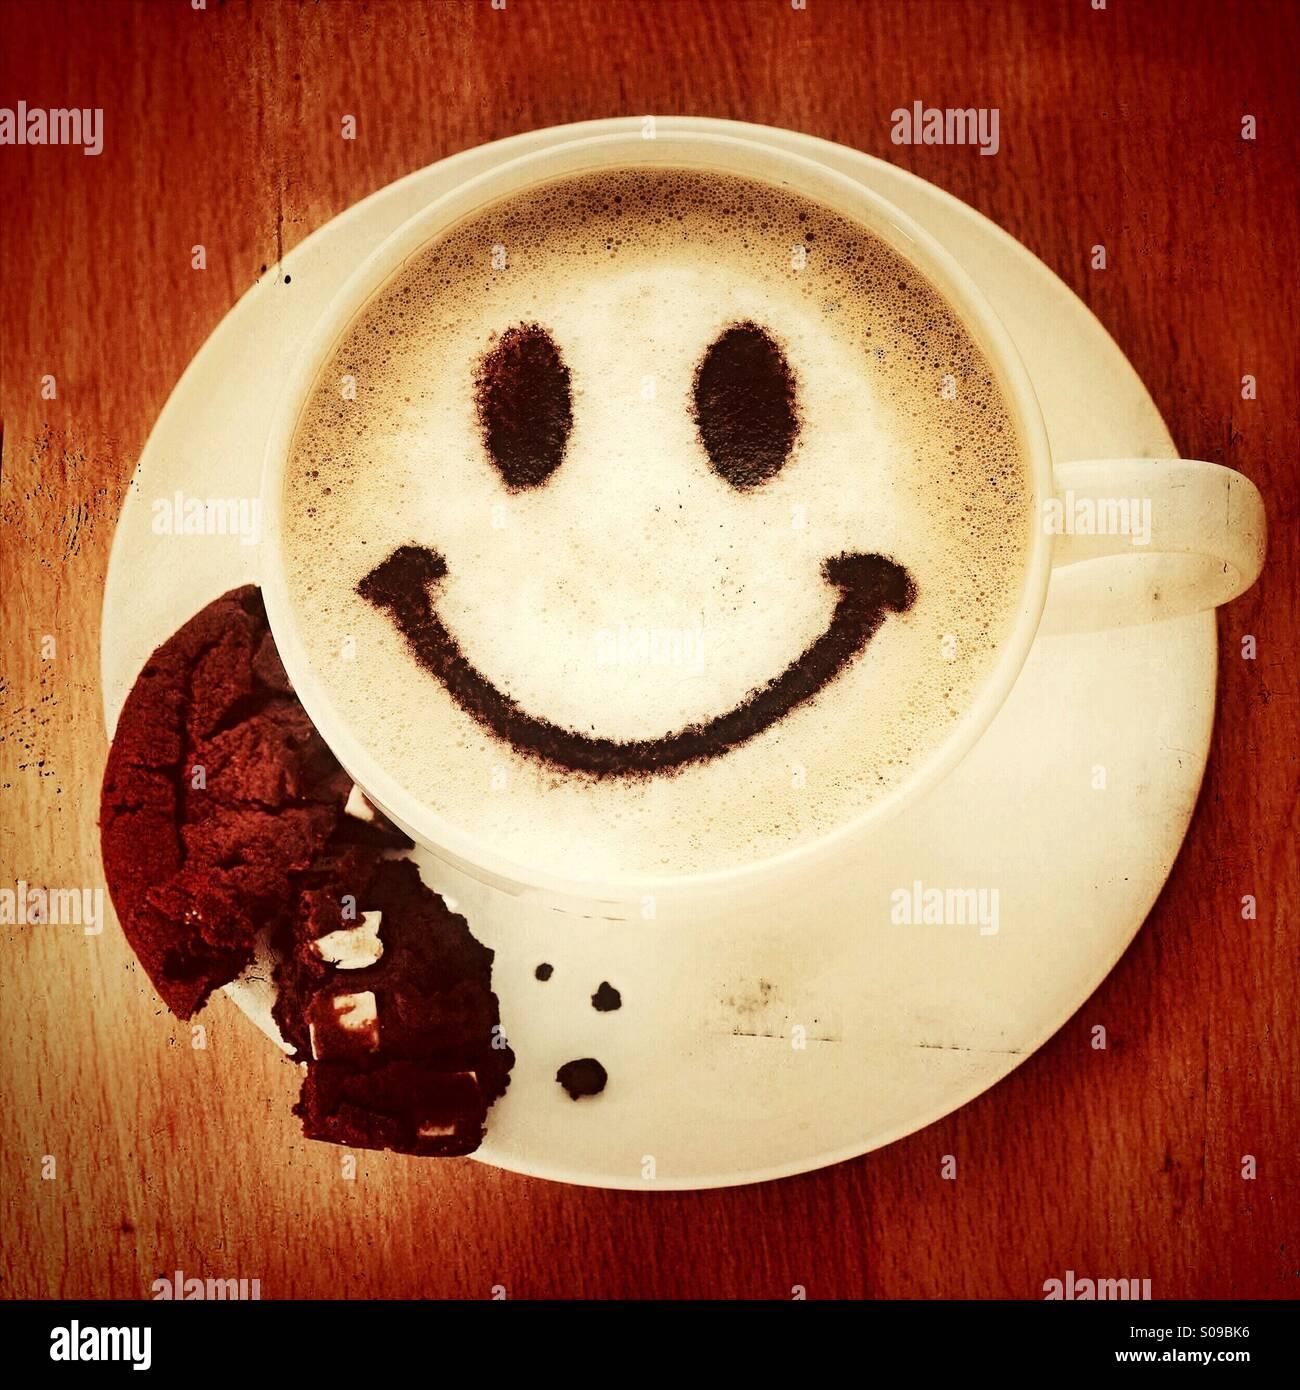 Pausa caffè - un cappuccino con una faccina sorridente e un cookie biscotto Immagini Stock